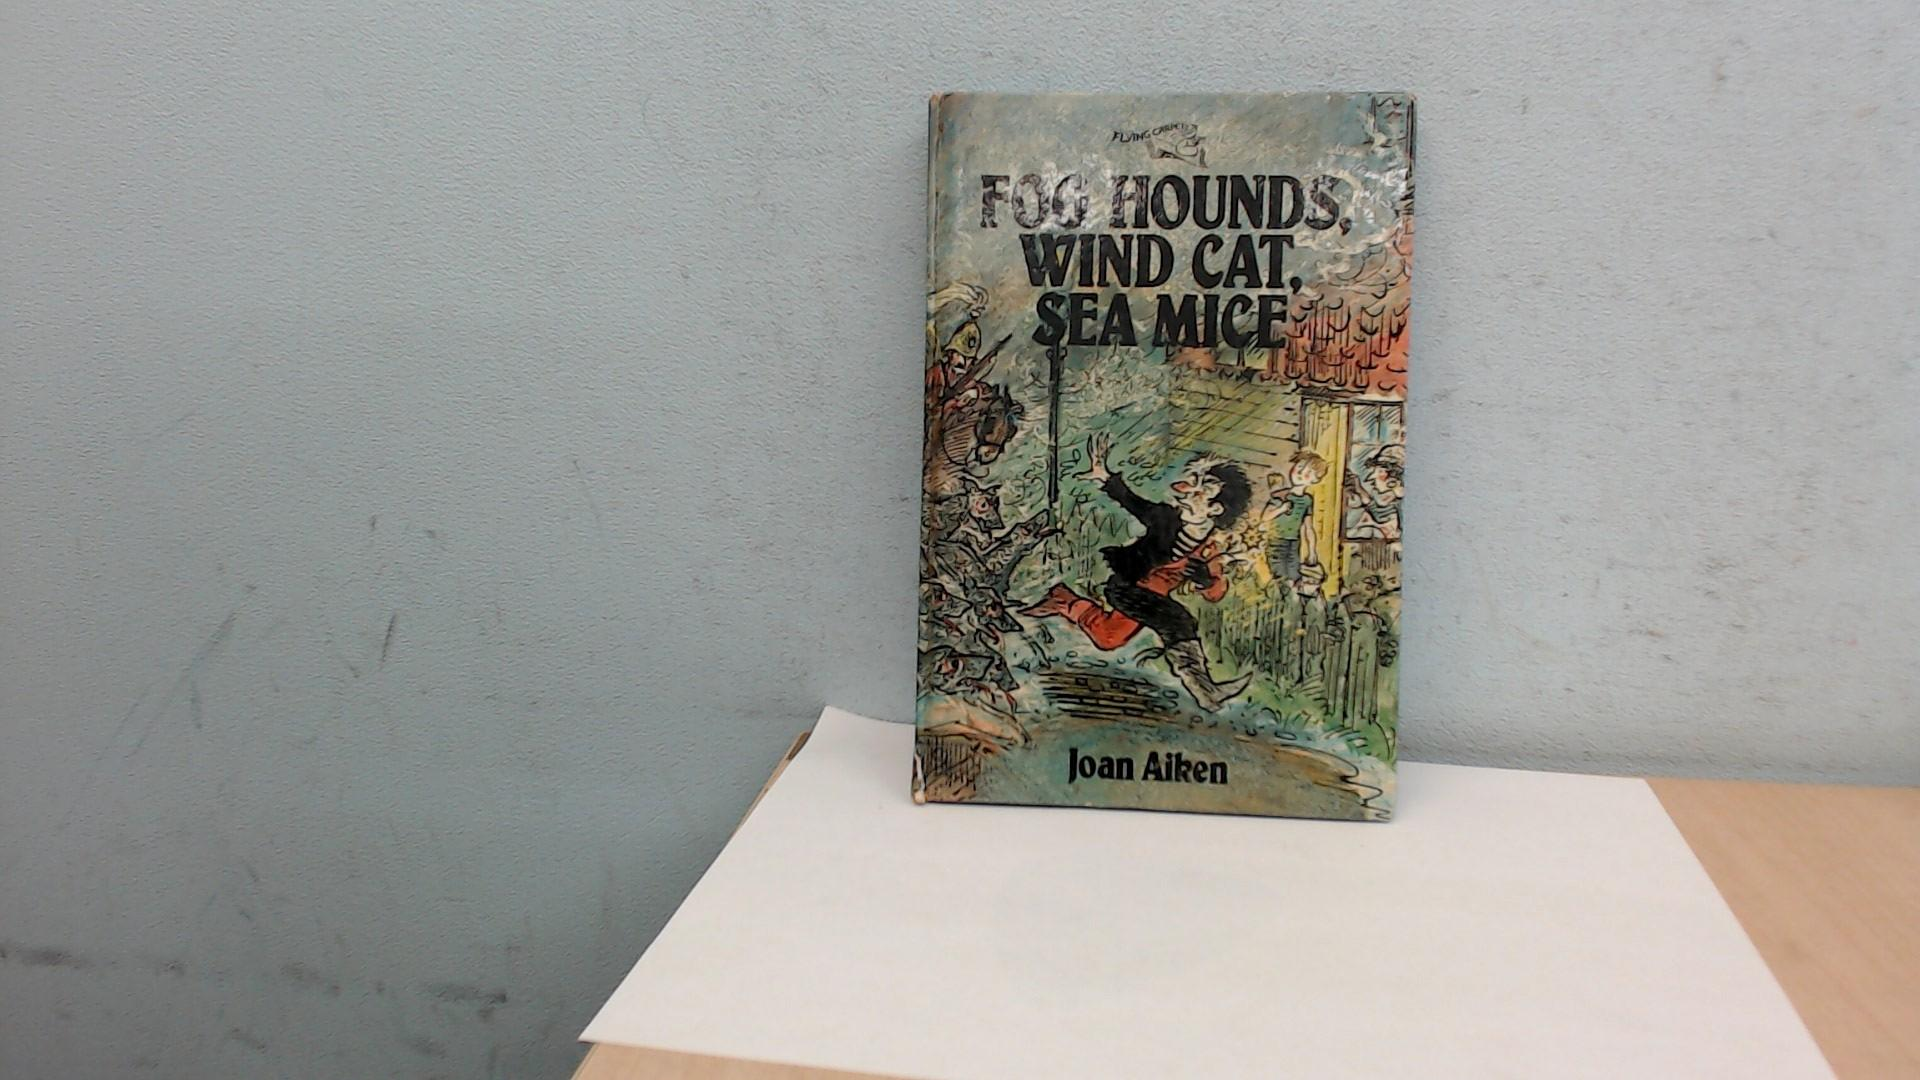 Fog Hounds, Wind Cat, Sea Mice (Flying Carpets): Aiken, Joan